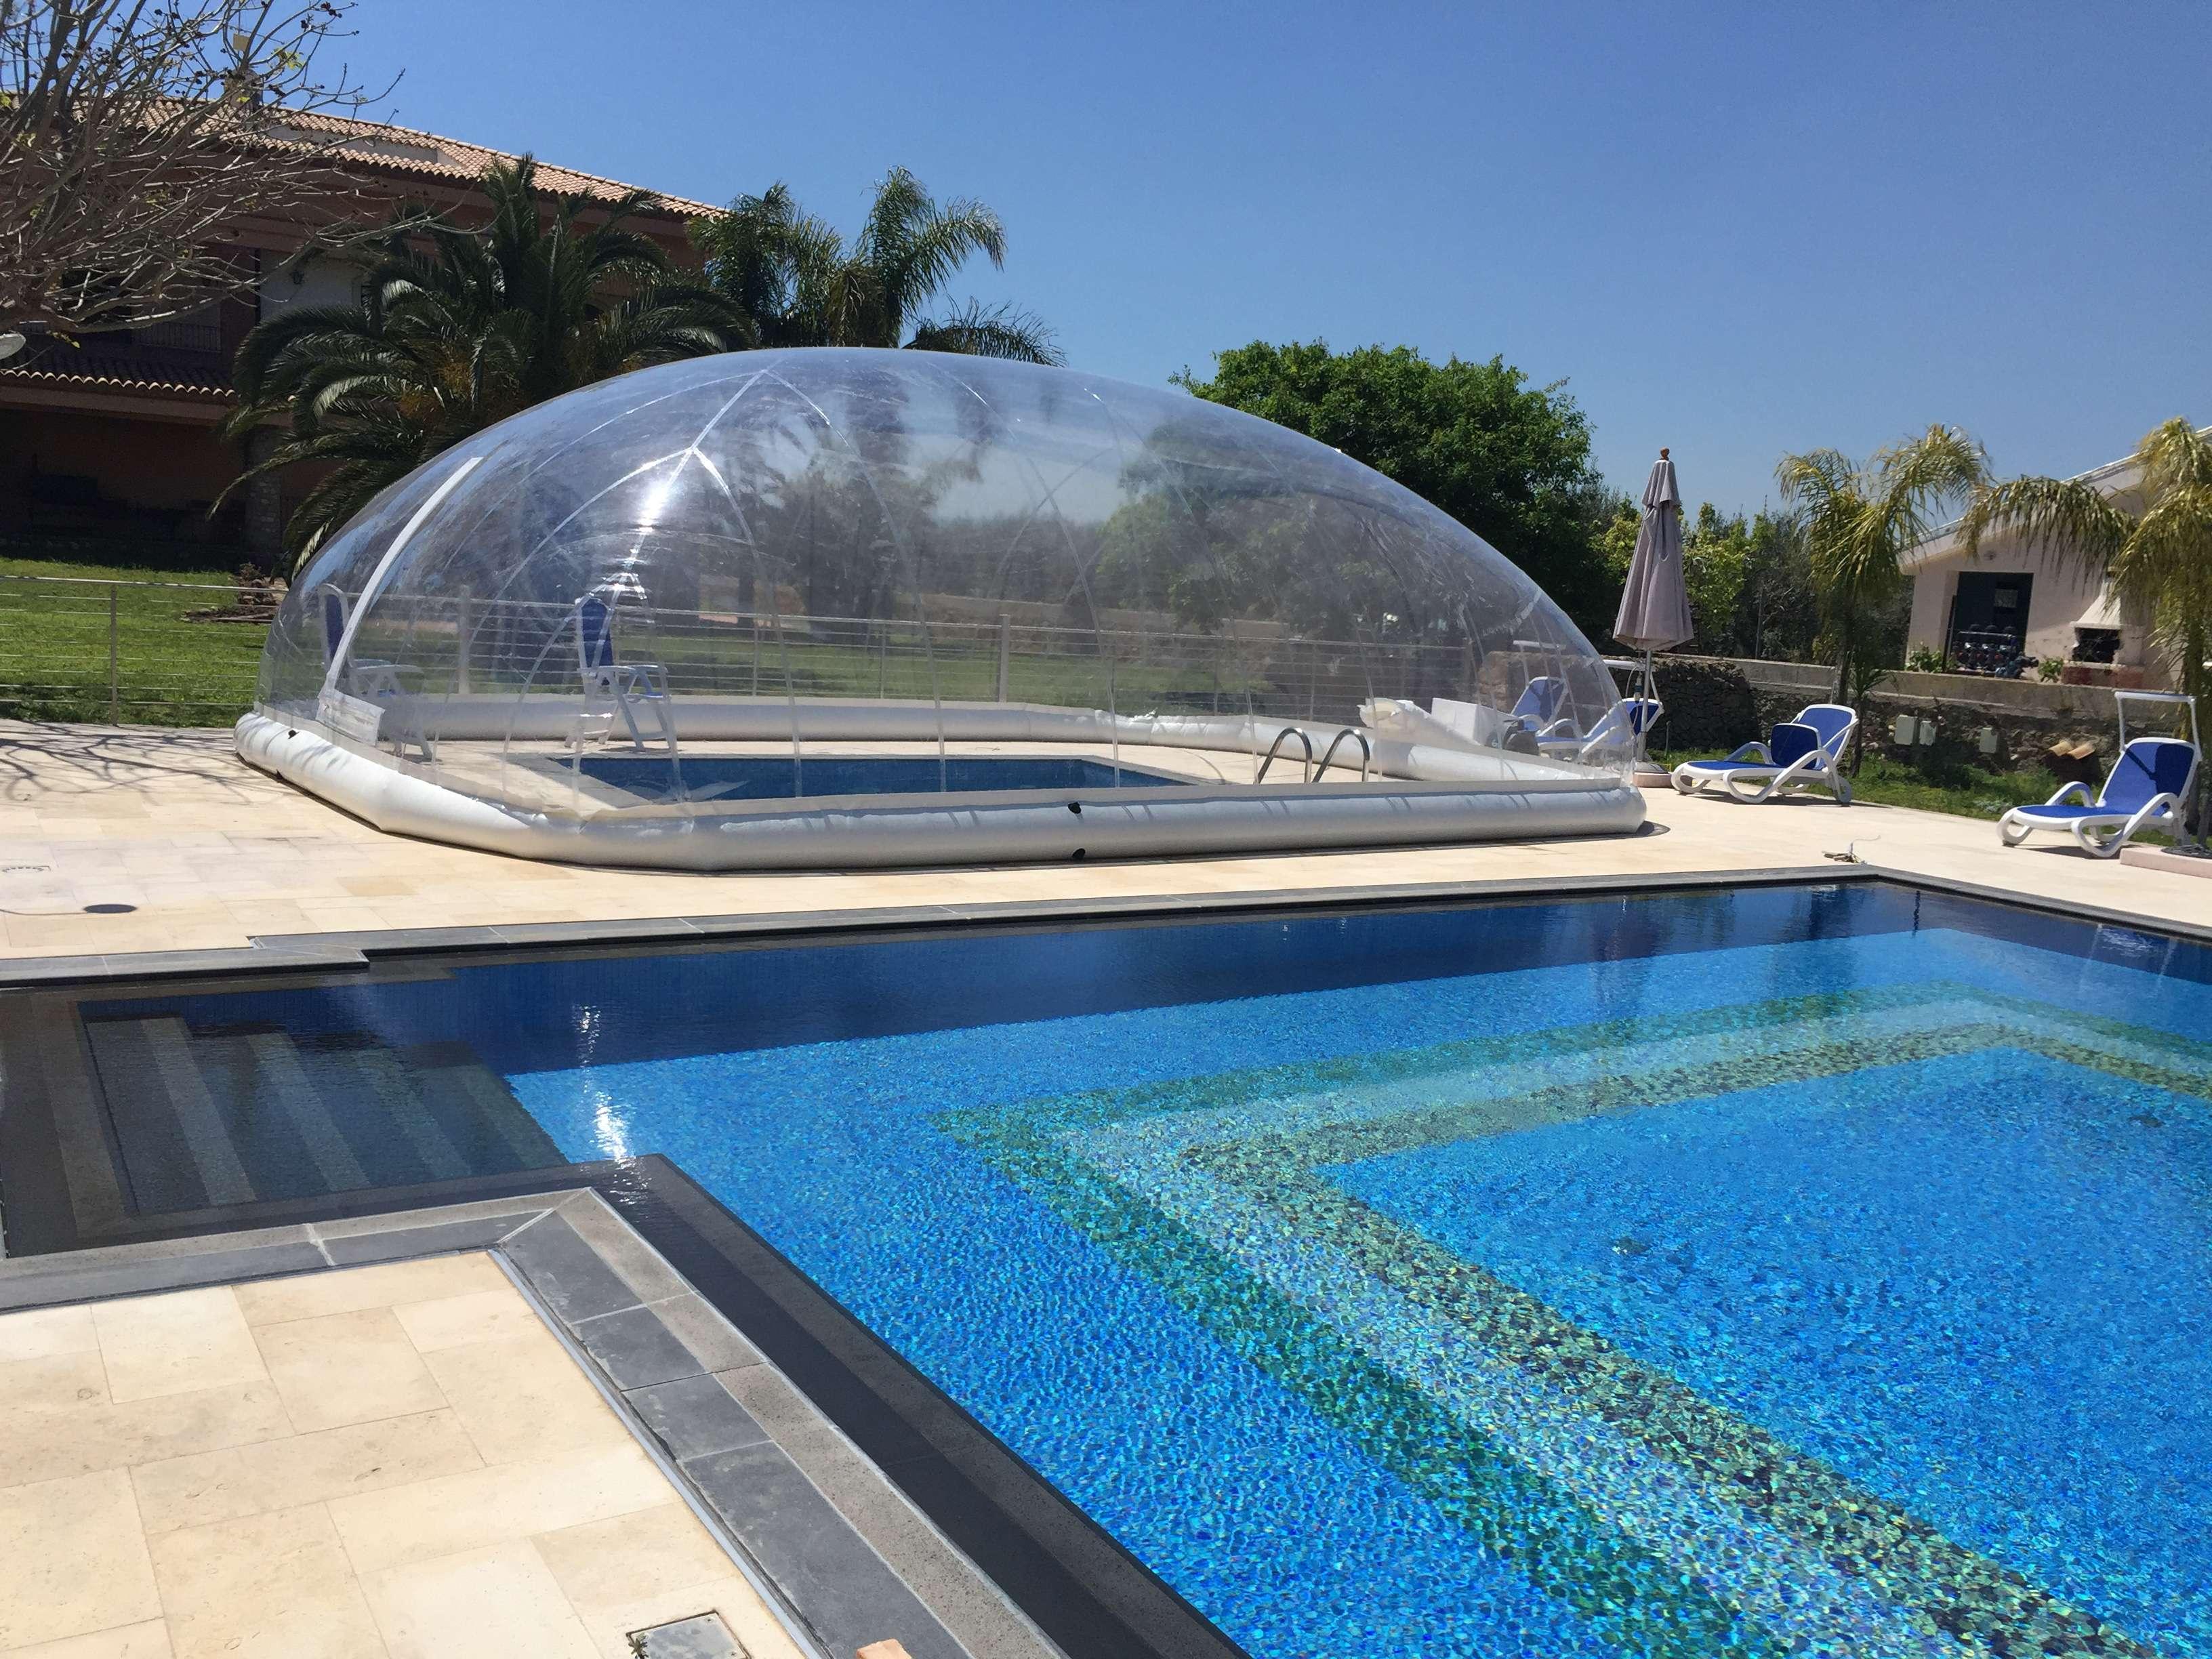 Cristalball cupola gonfiabile per piscine 1000 piscine for 1000 piscine